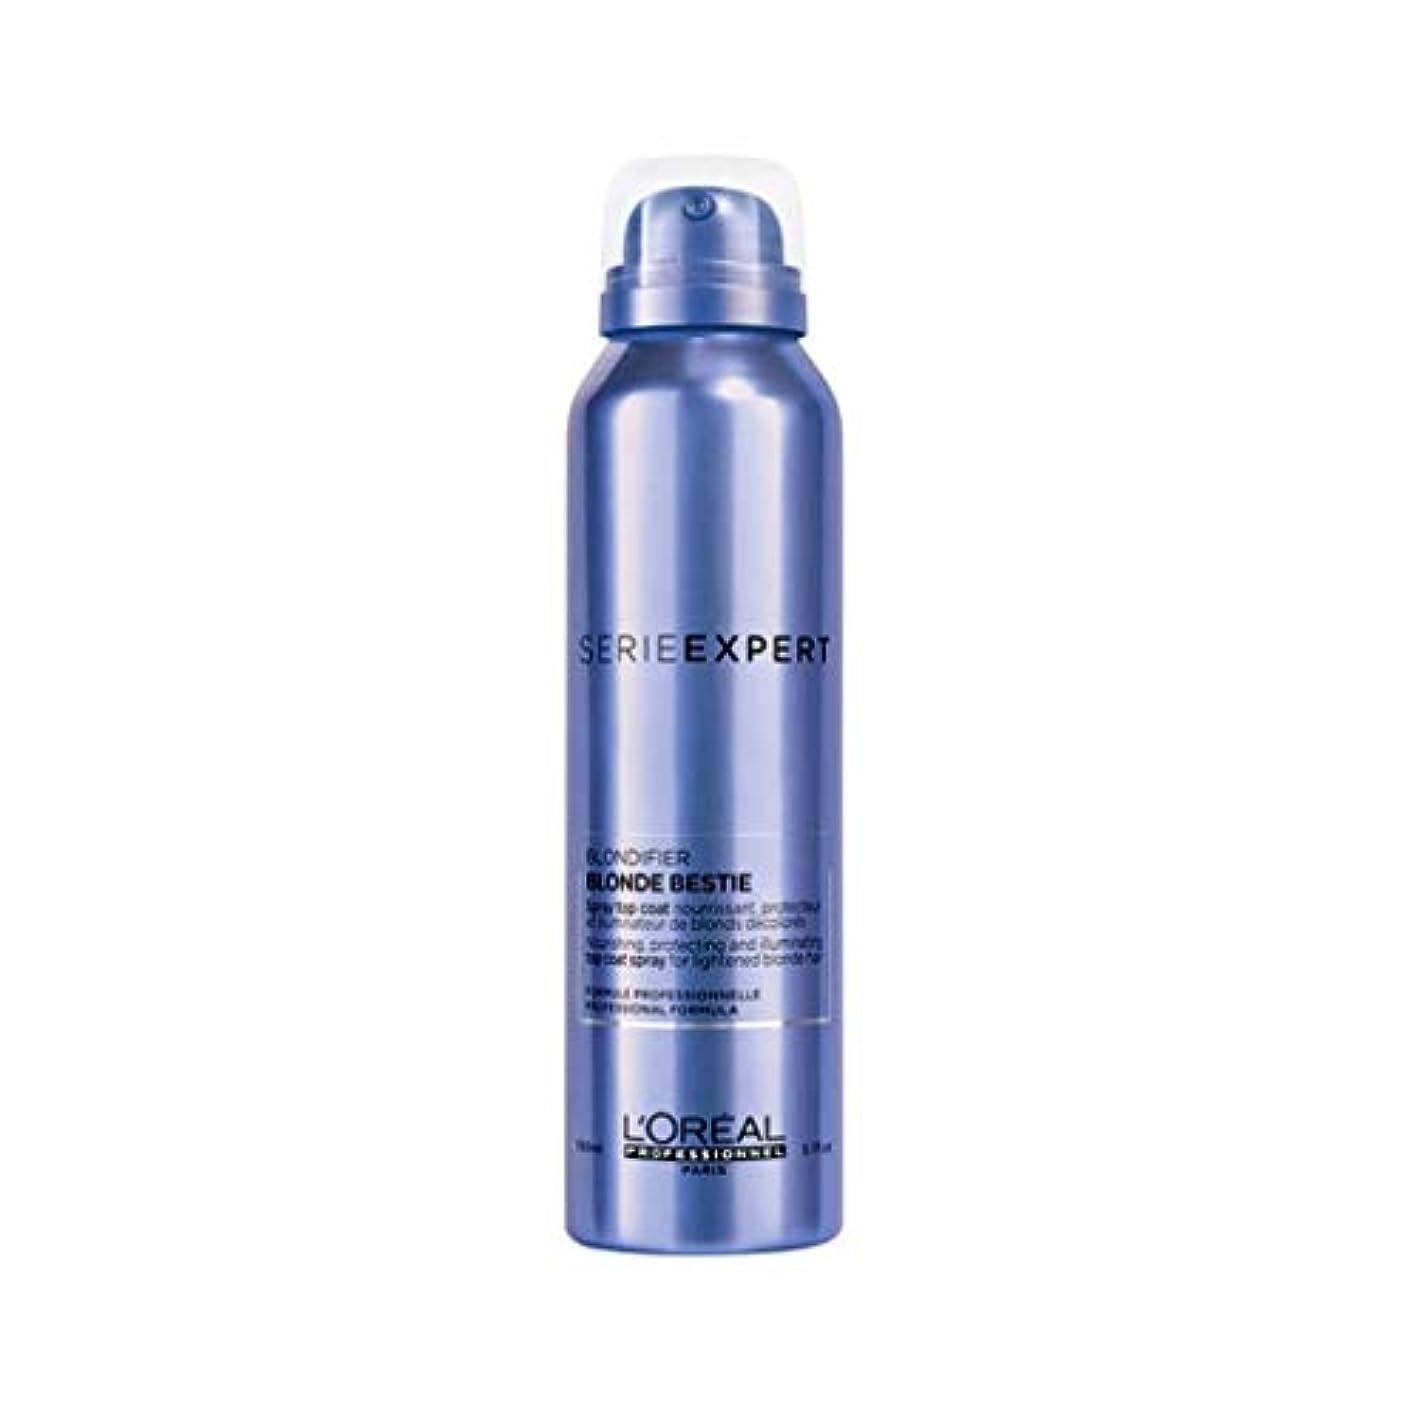 チーフ寛容な仮称ロレアル セリエ エクスパート ブロンディファイア ブロンド ベスティー スプレー L'Oreal Serie Expert Blondifier Blond Bestie Spray 150 ml [並行輸入品]